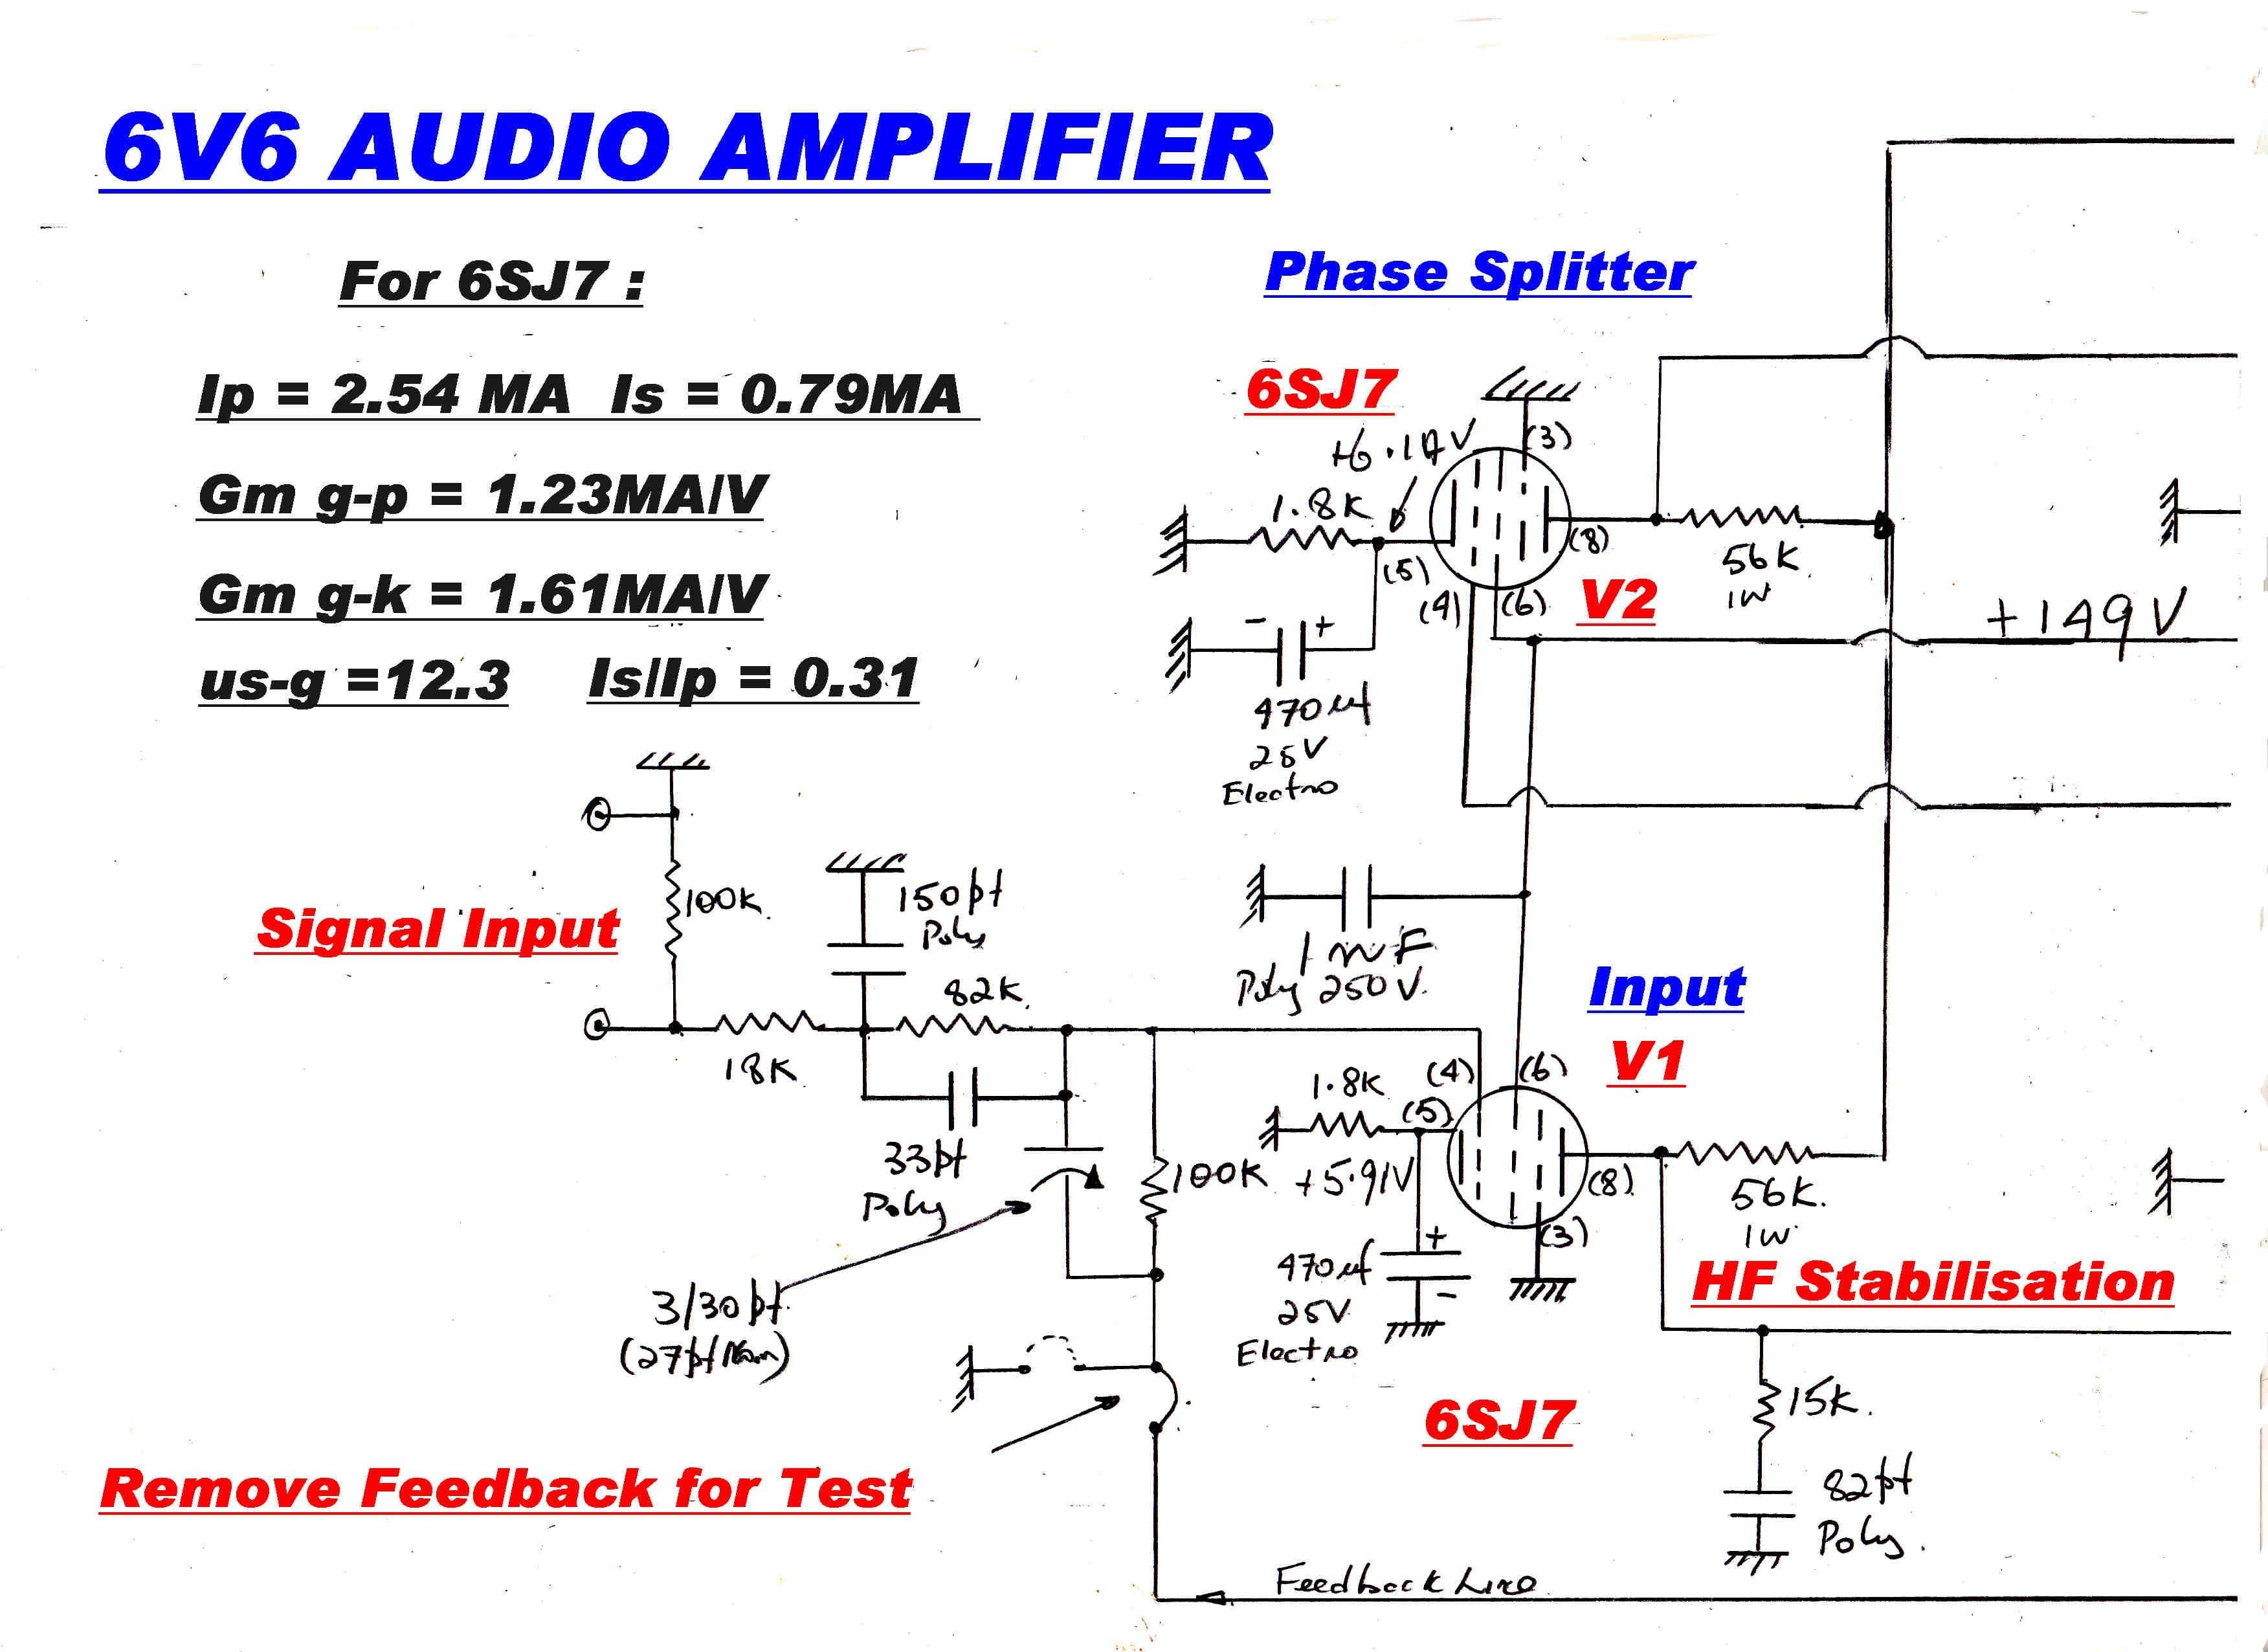 Car Audio Amplifier Circuit Diagram Elegant Amplifier Circuit Diagram Diagram Of Car Audio Amplifier Circuit Diagram